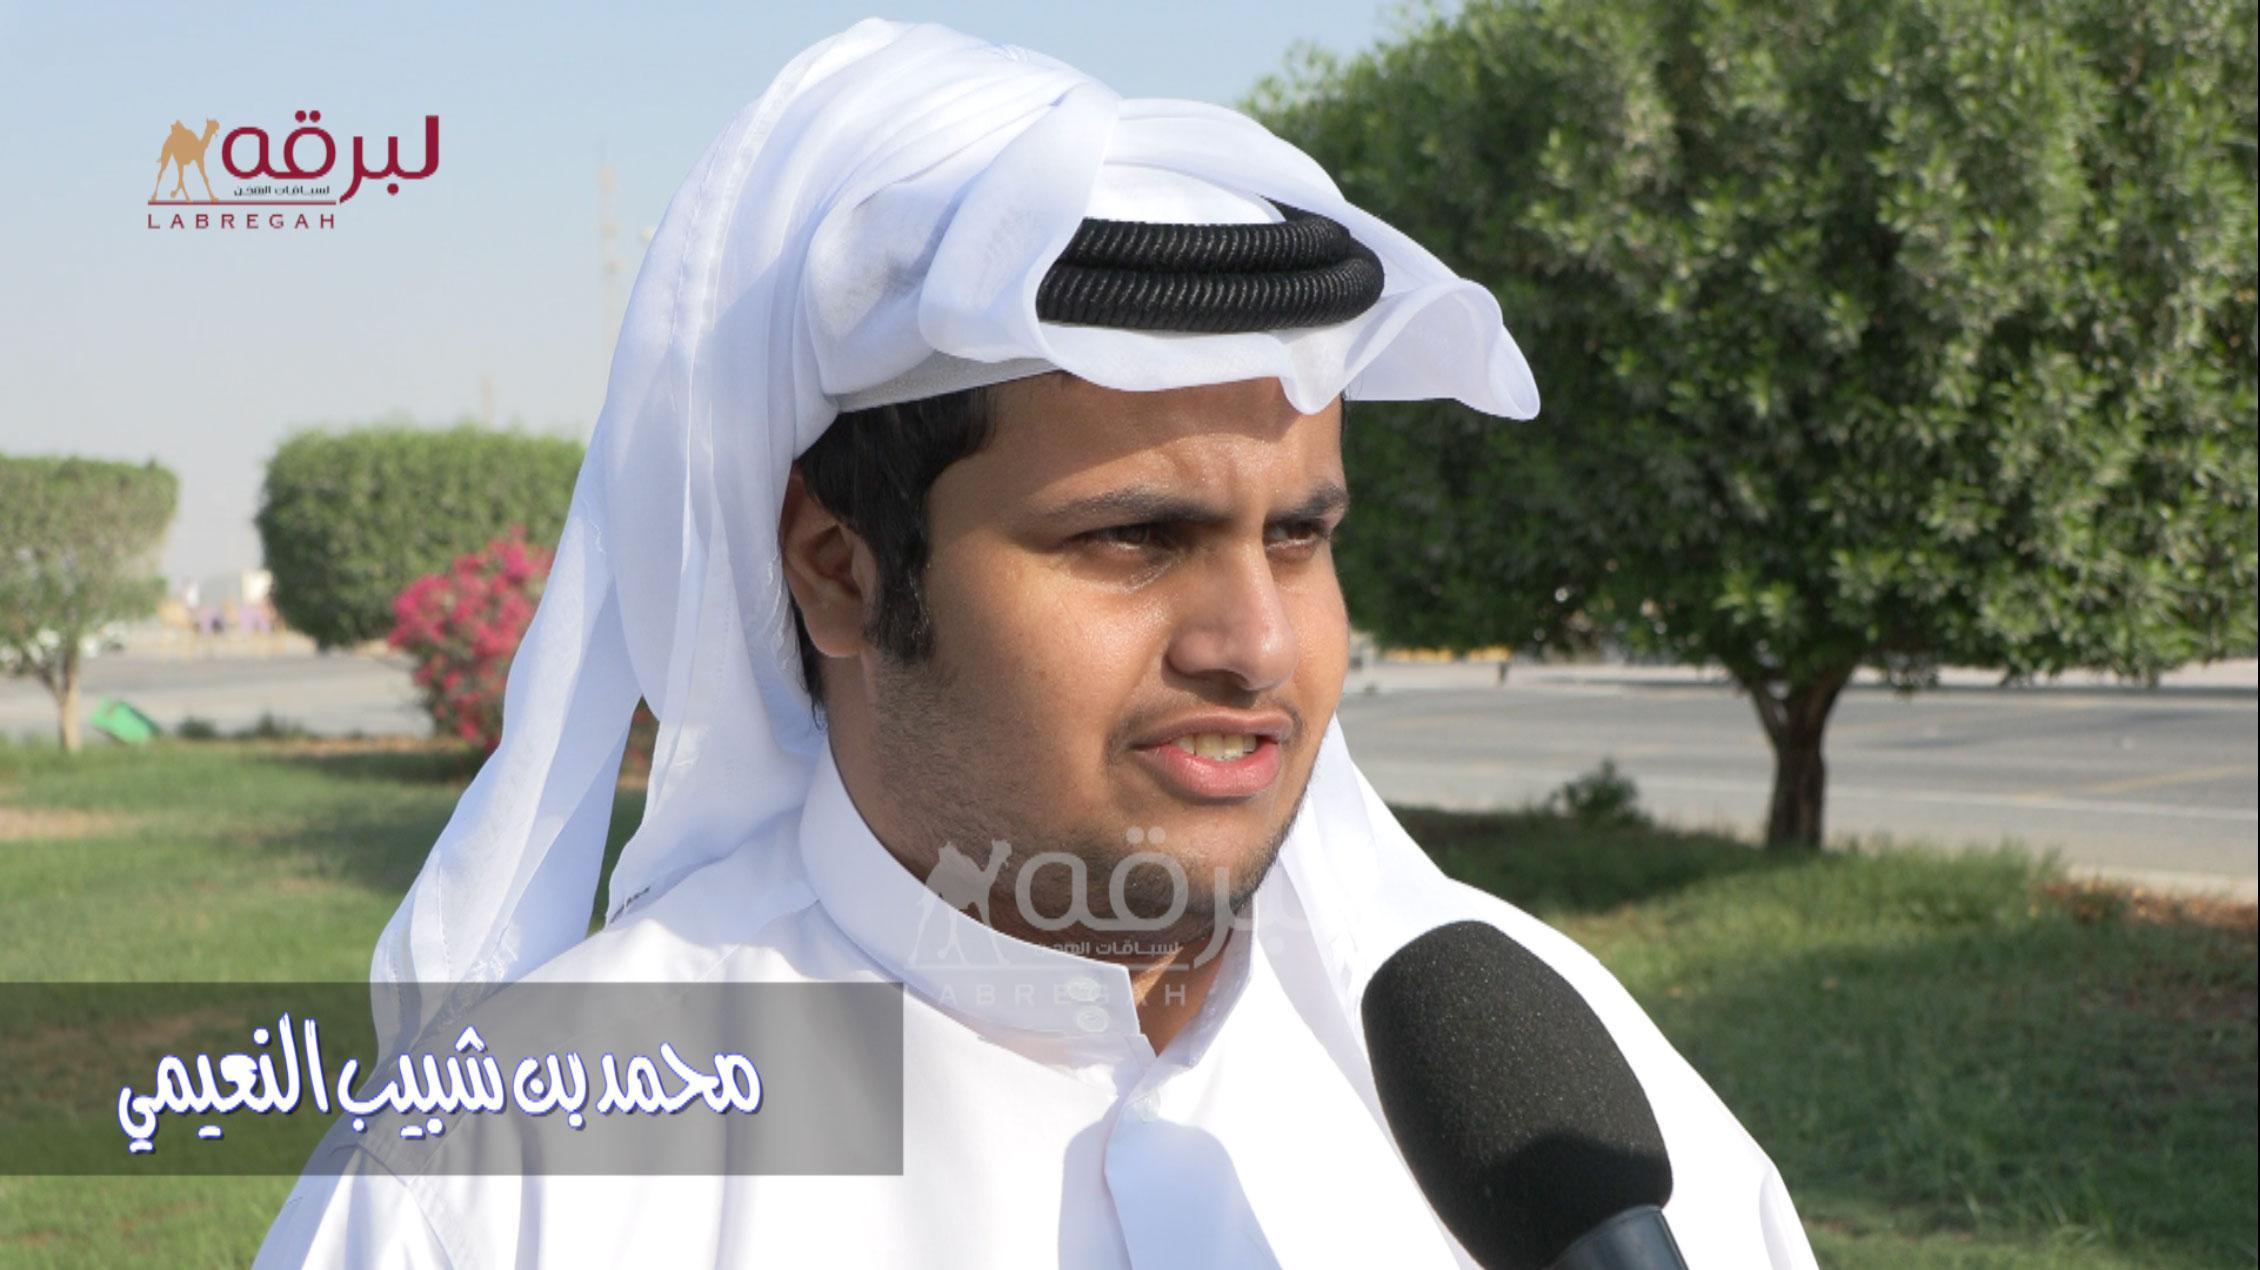 لقاء مع محمد بن شبيب النعيمي.. الشوط الرئيسي للزمول (إنتاج) الأشواط العامة ١٤-١٠-٢٠٢١